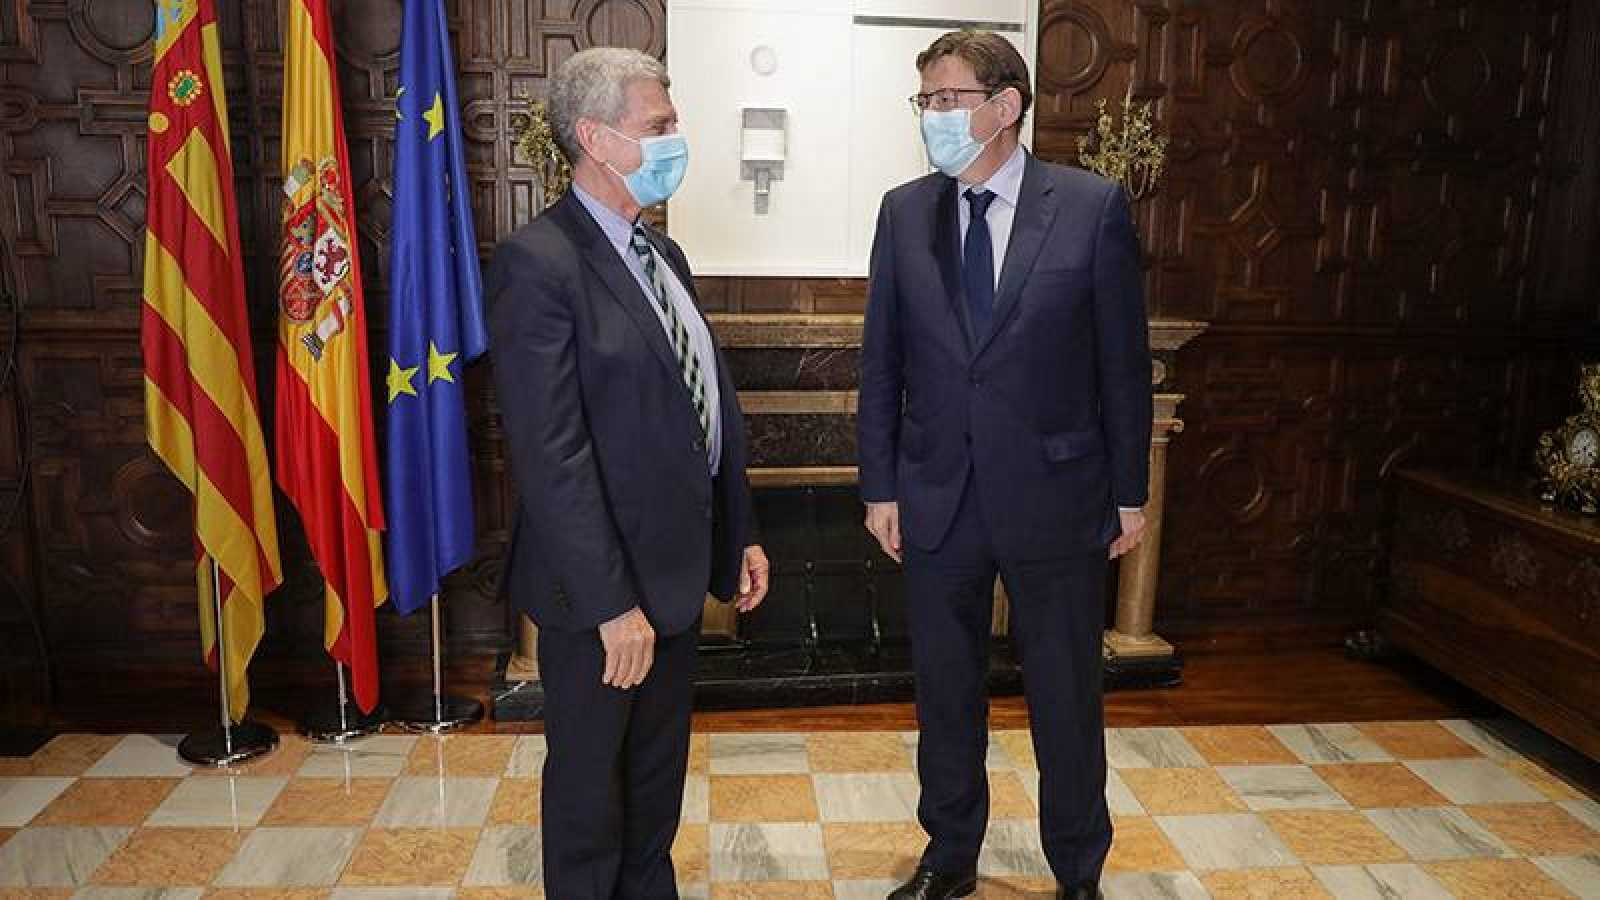 José Manuel Pérez Tornero y Ximo Puig